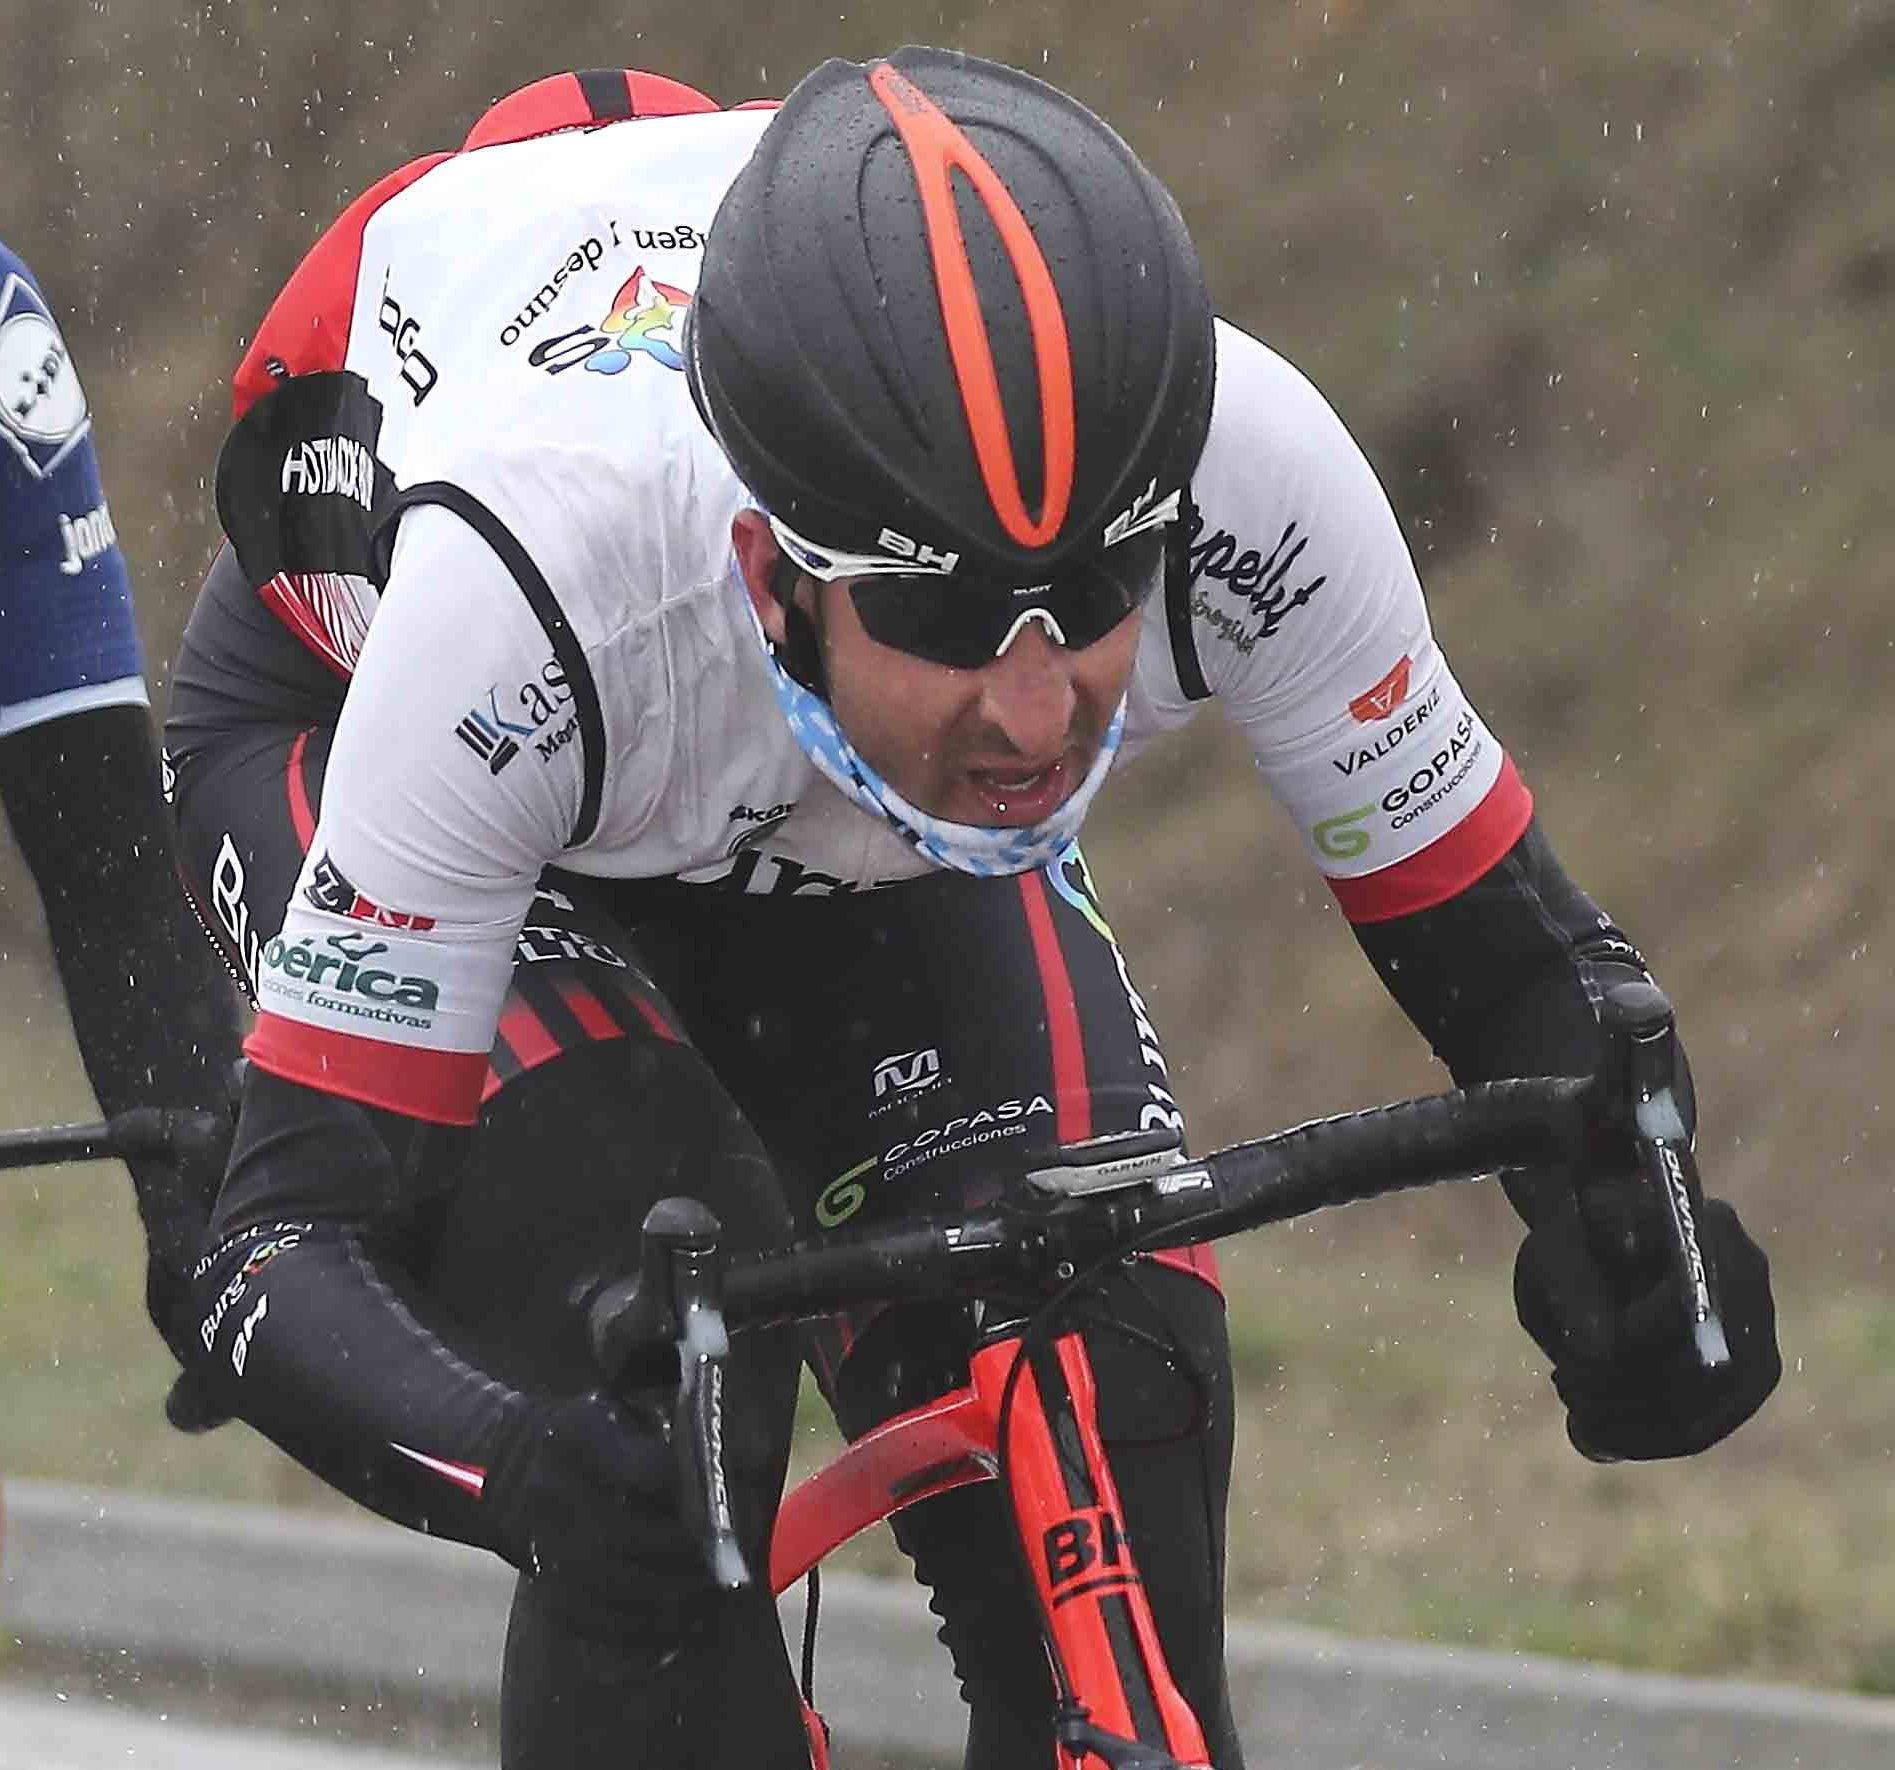 Diego Rubio, cyklista, tím Burgos-BH